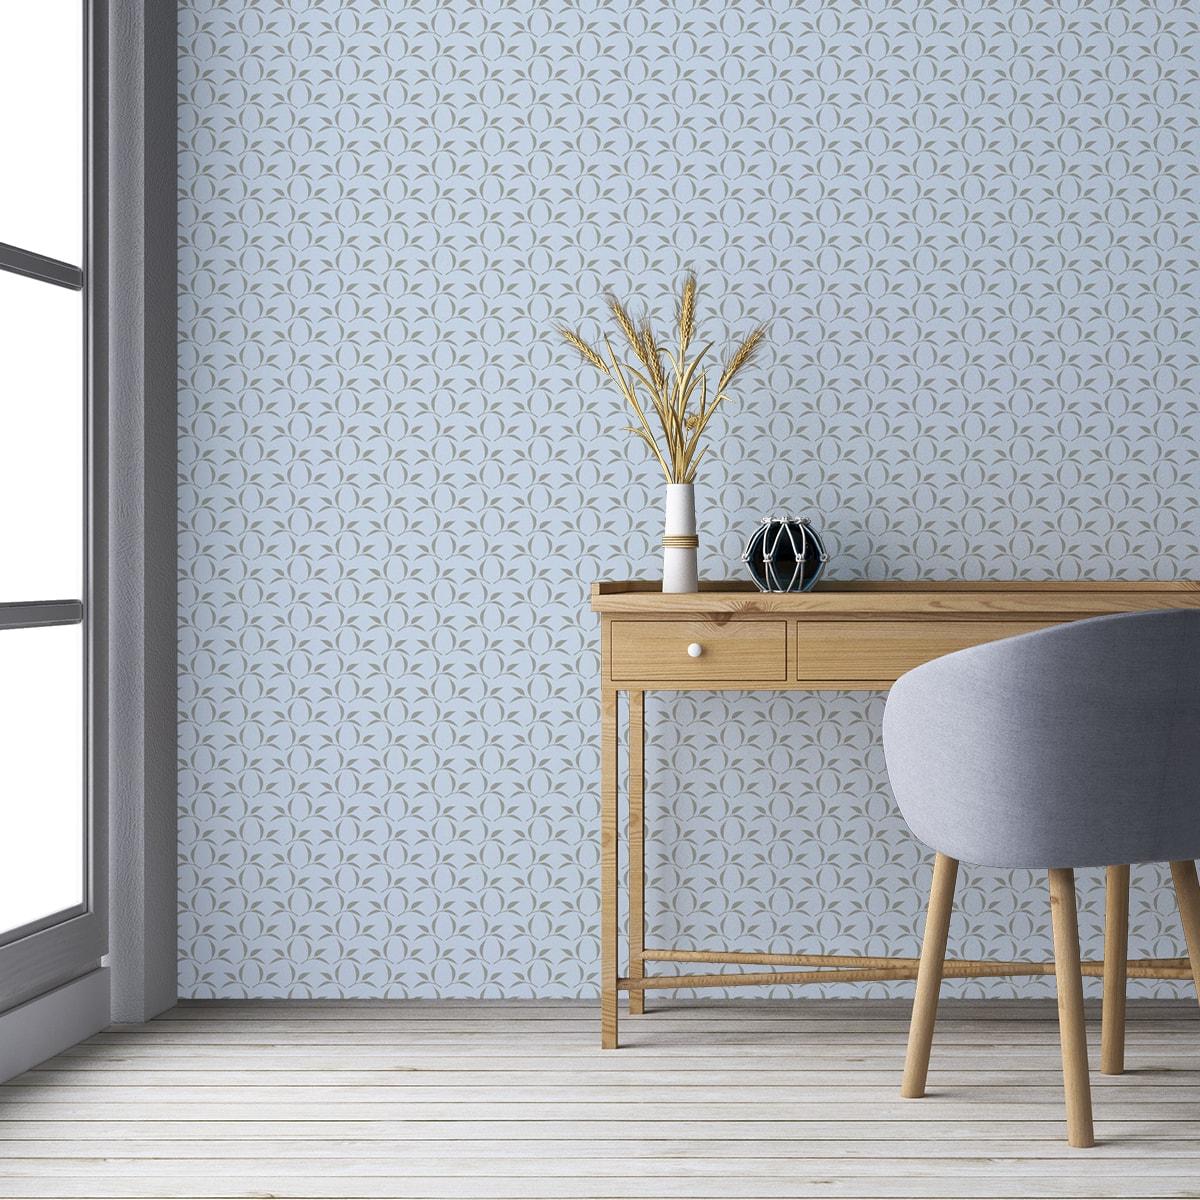 Wandtapete hellblau: Ornament Tapete Tea Time mit Tee Blättern in grau, Design Tapete für Ihr Zuhause